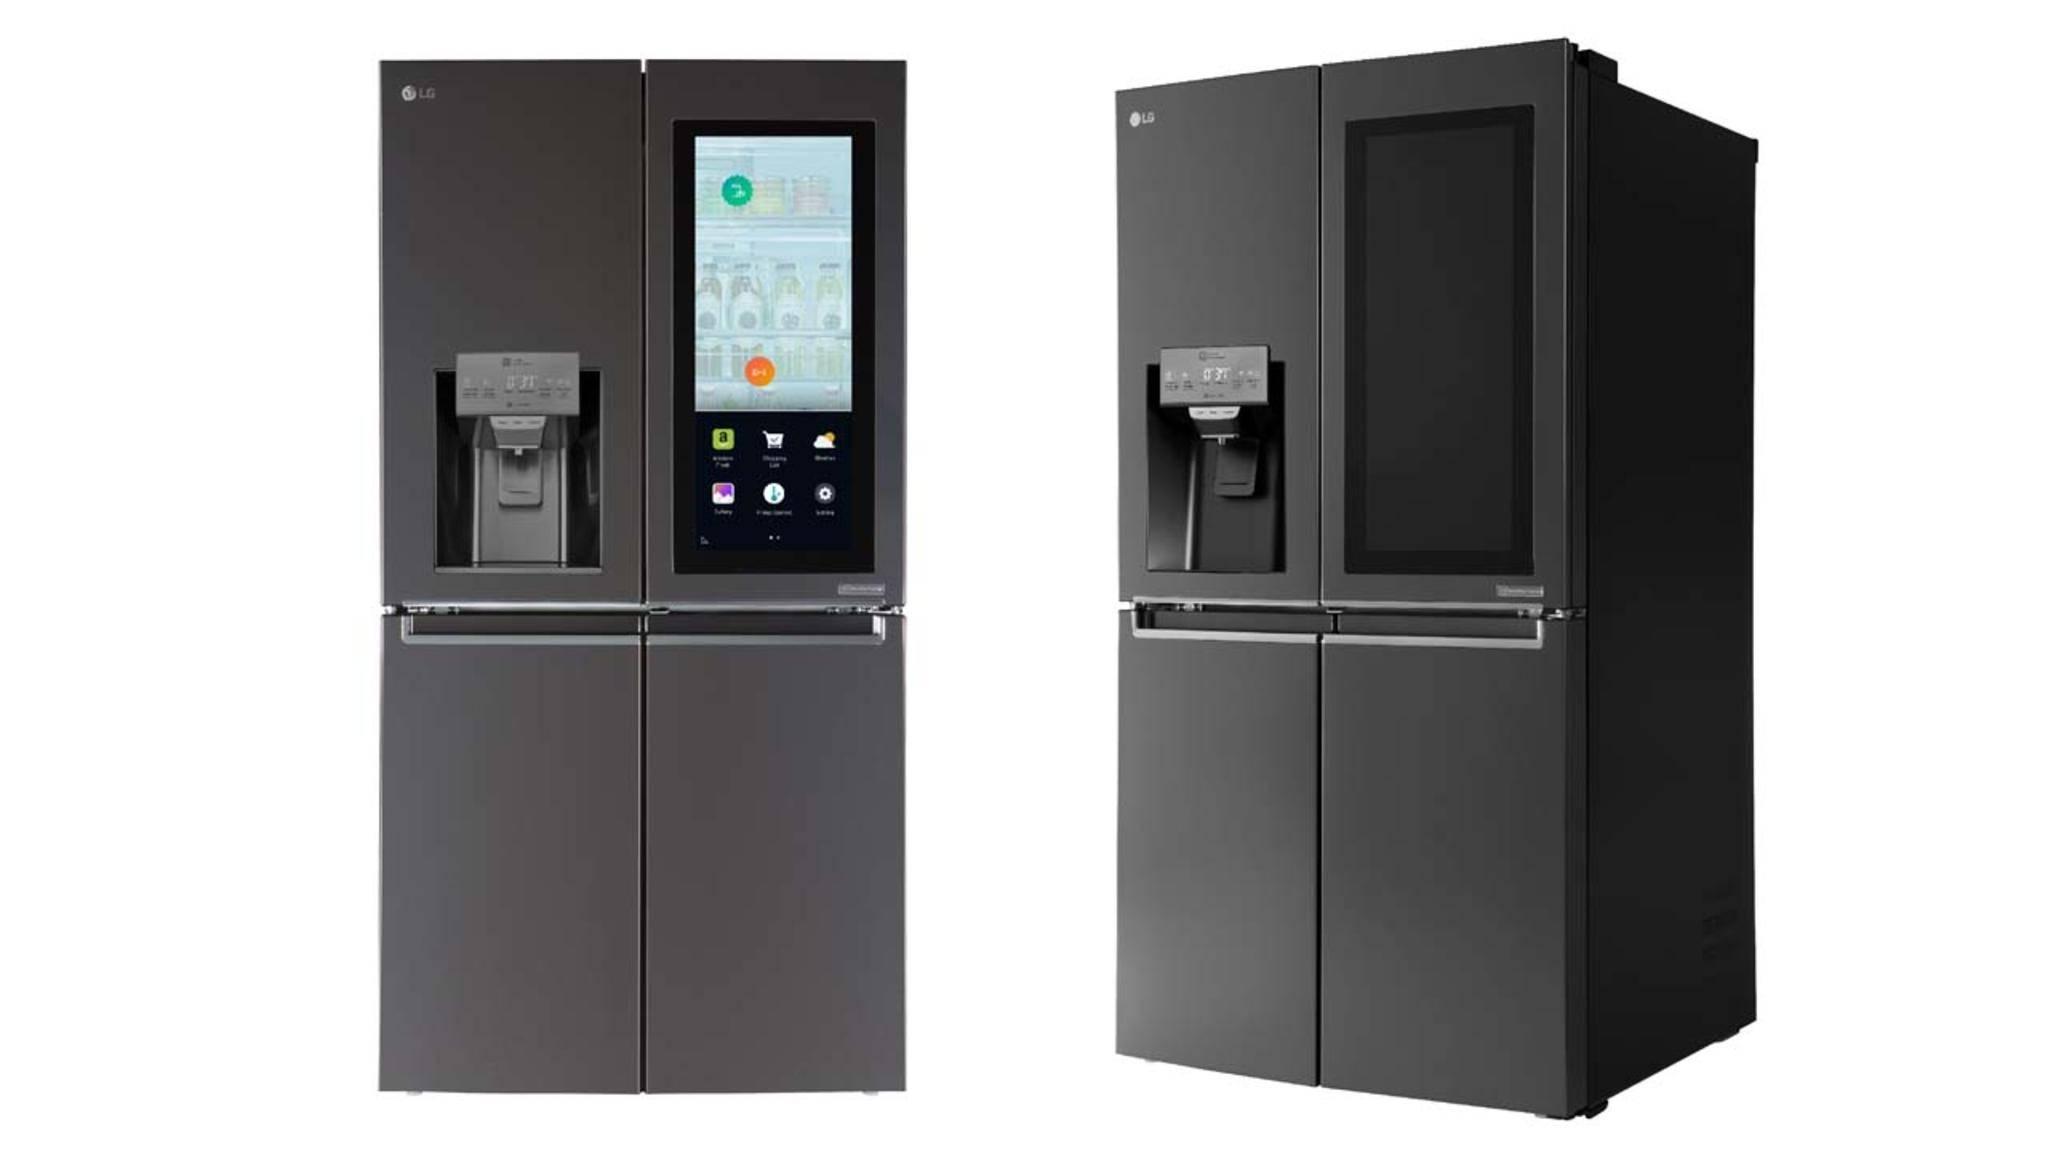 Mehr als ein gewöhnlicher Kühlschrank: Der LG Smart InstaView besitzt einen Touchscreen und eine Sprachsteuerung.